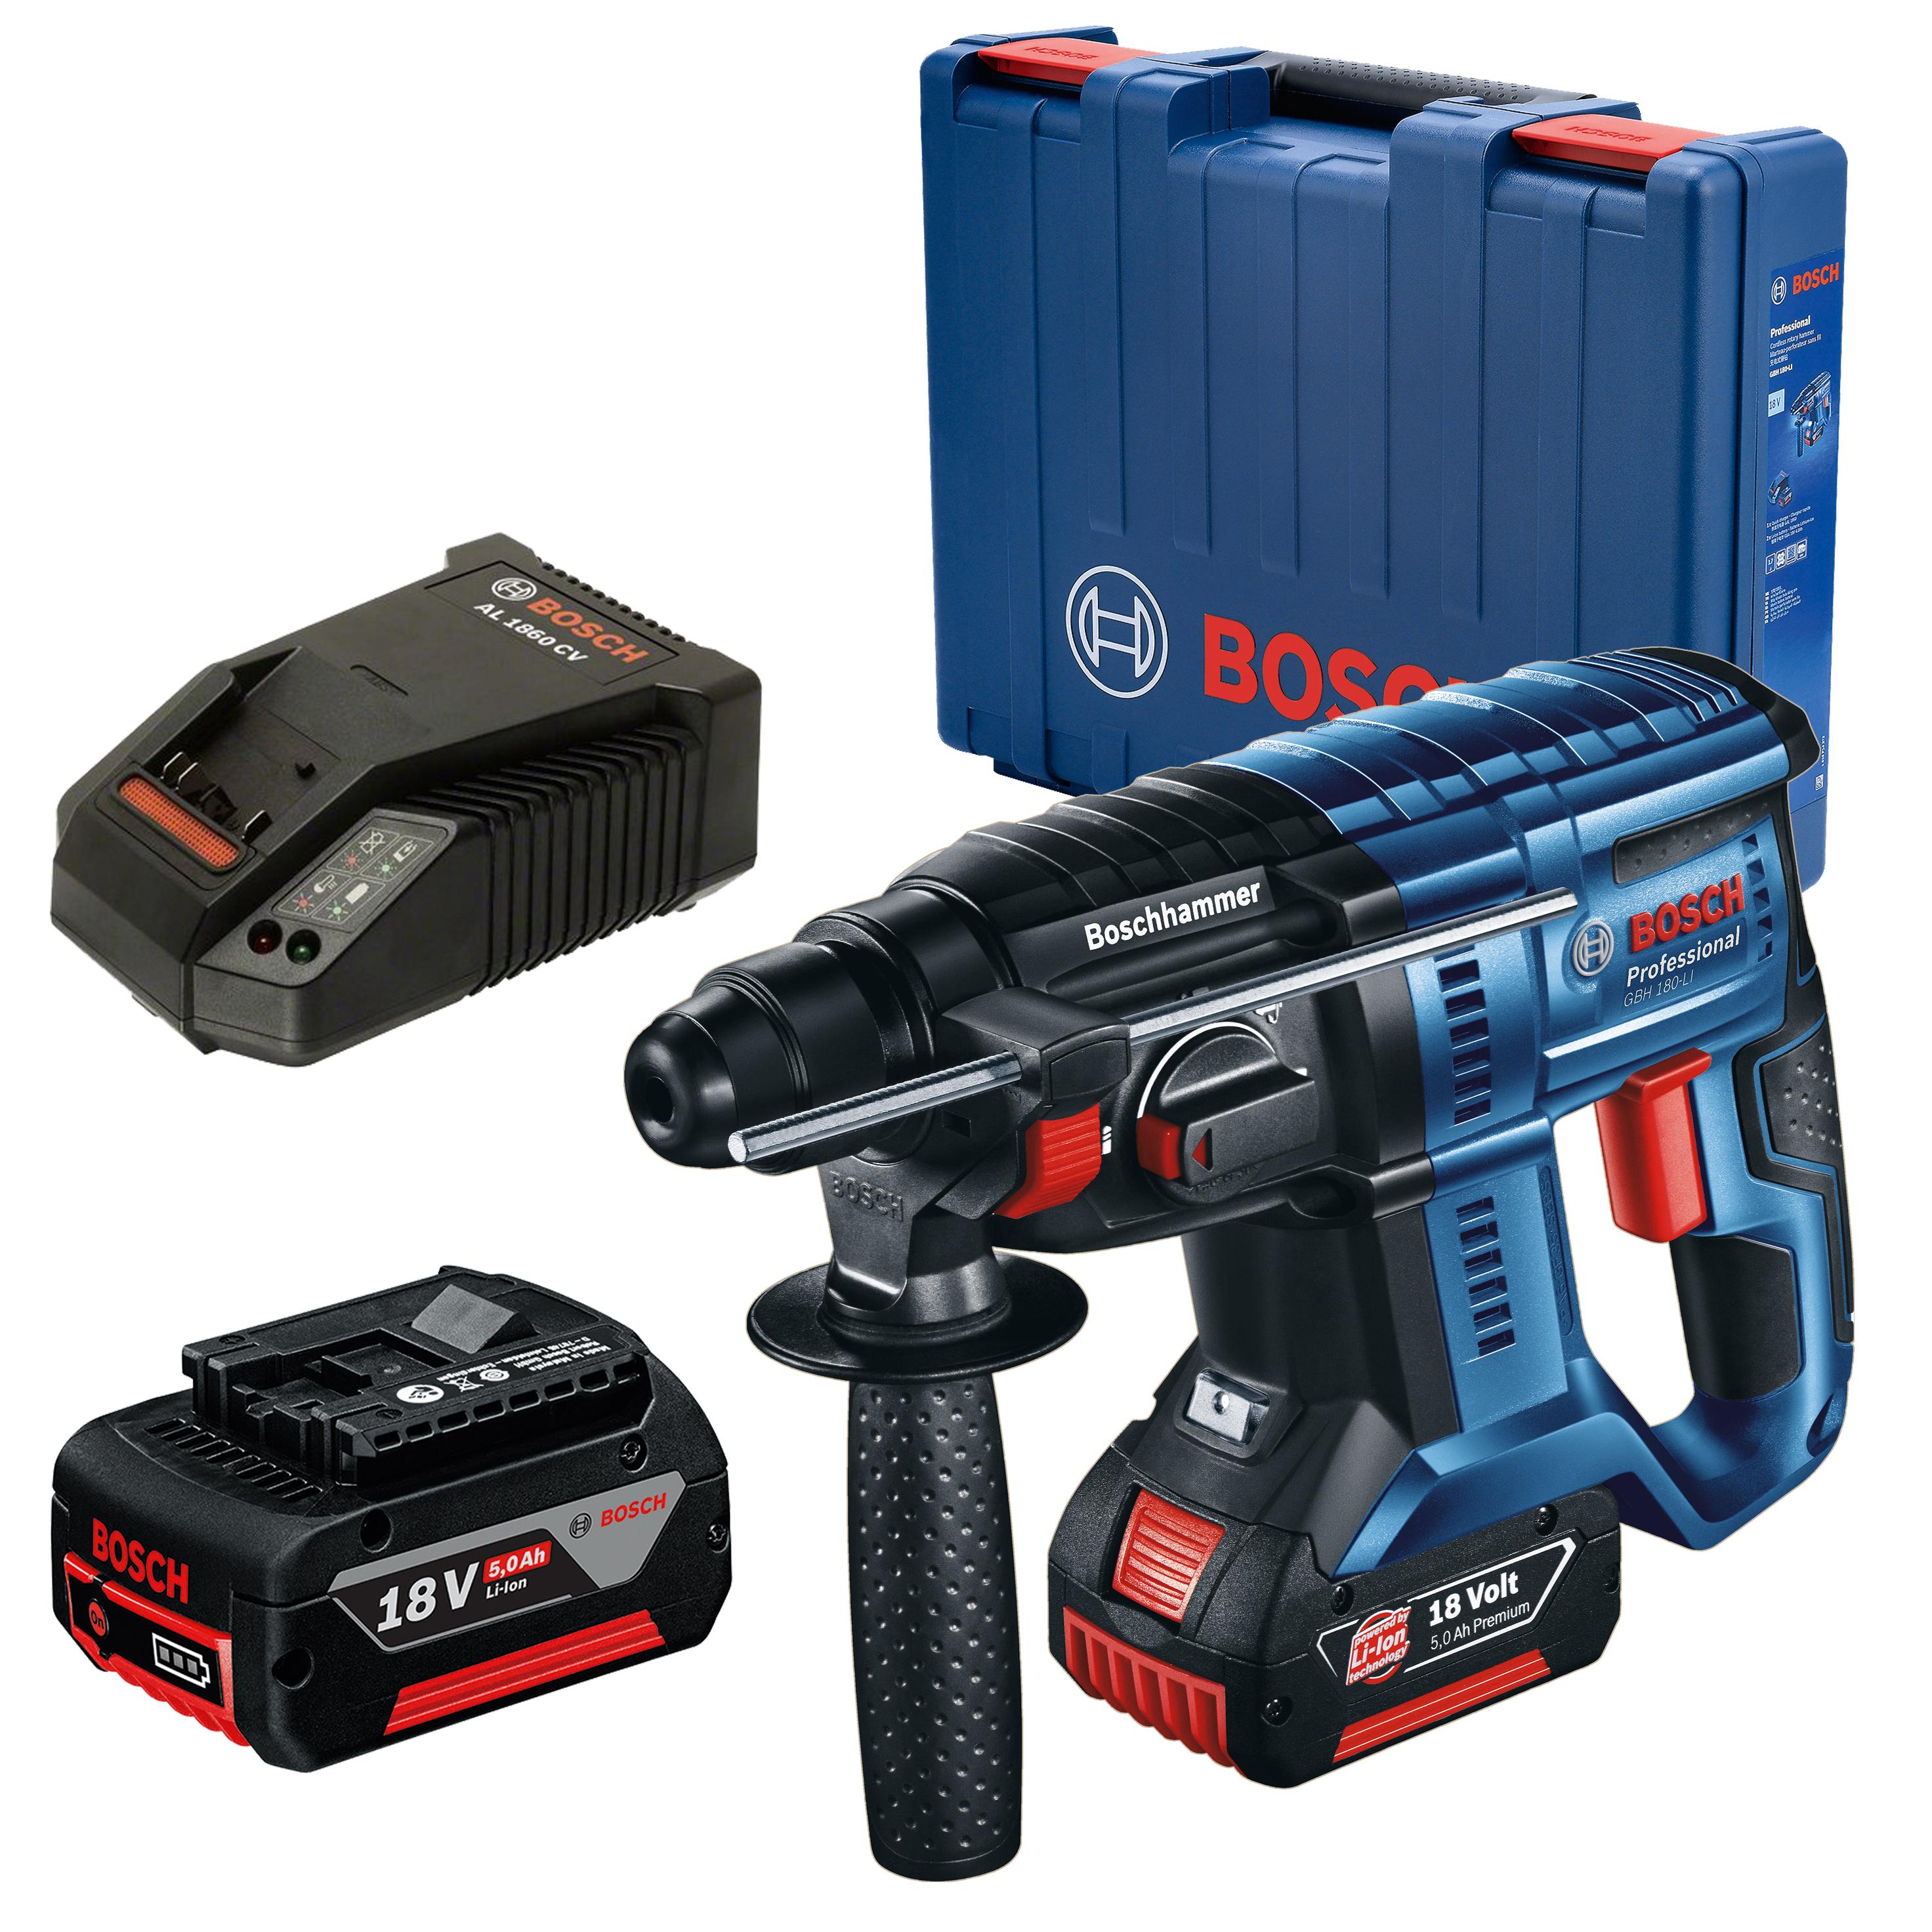 Marteau Perforateur sans Fil Bosch Professional GBH 18V-20 - 2 batteries 5.0Ah, chargeur, mallette